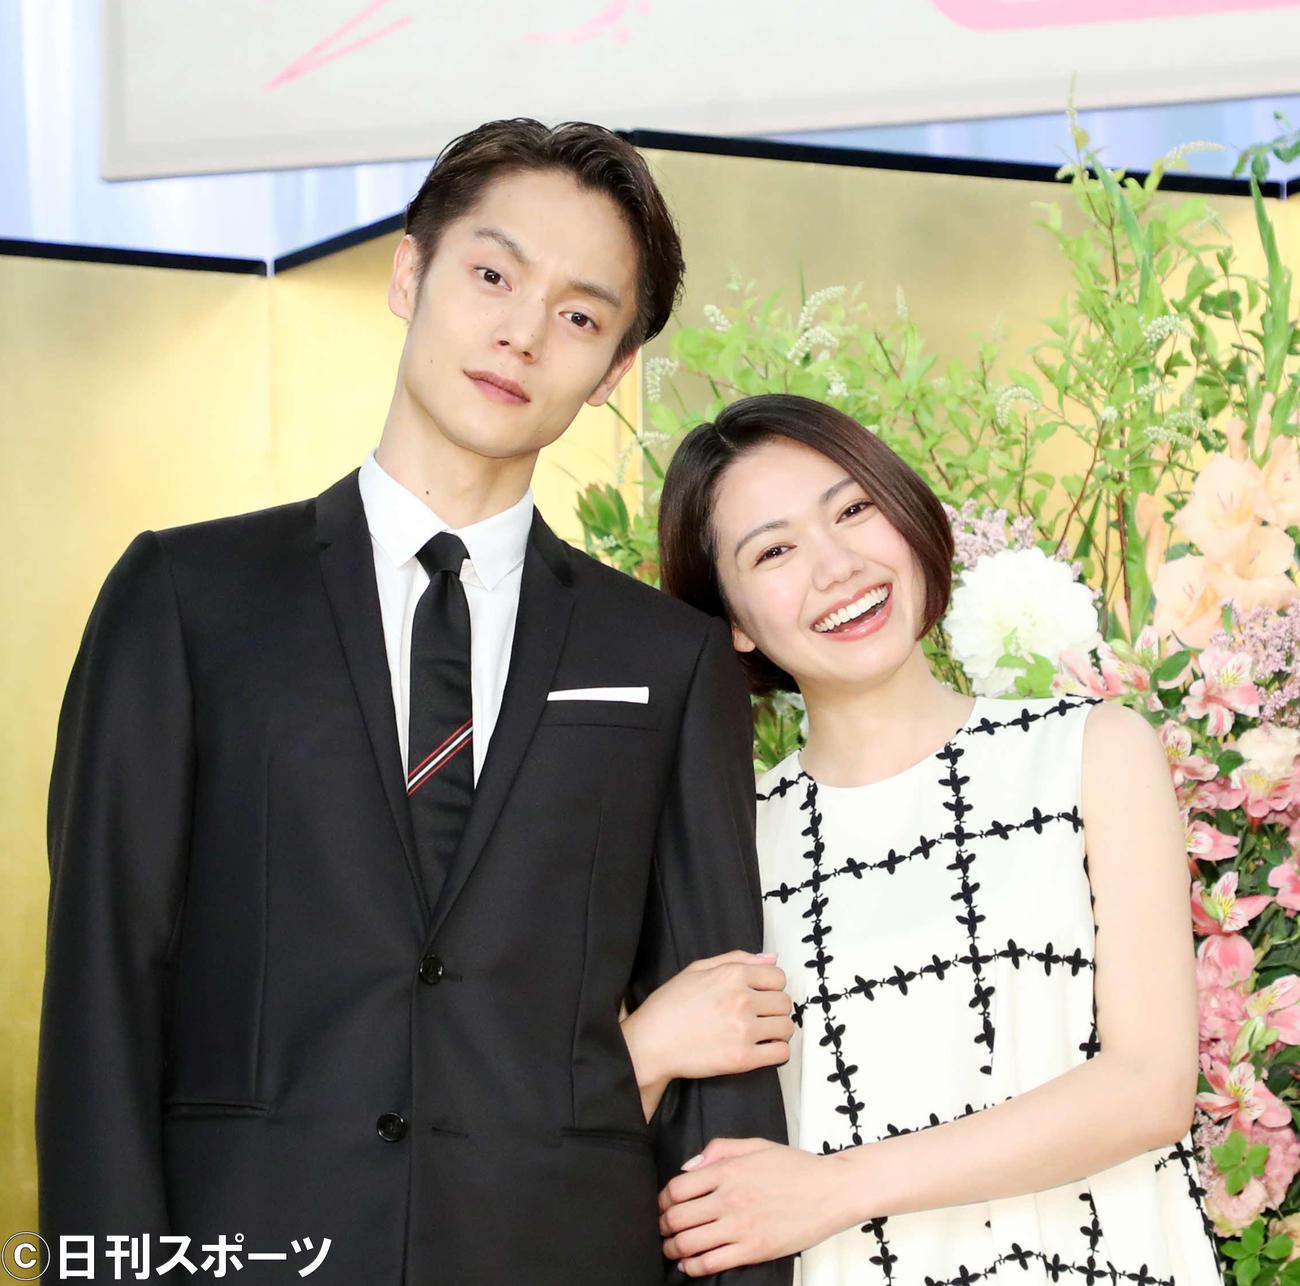 NHK連続テレビ小説「エール」に出演する窪田正孝(左)と二階堂ふみ